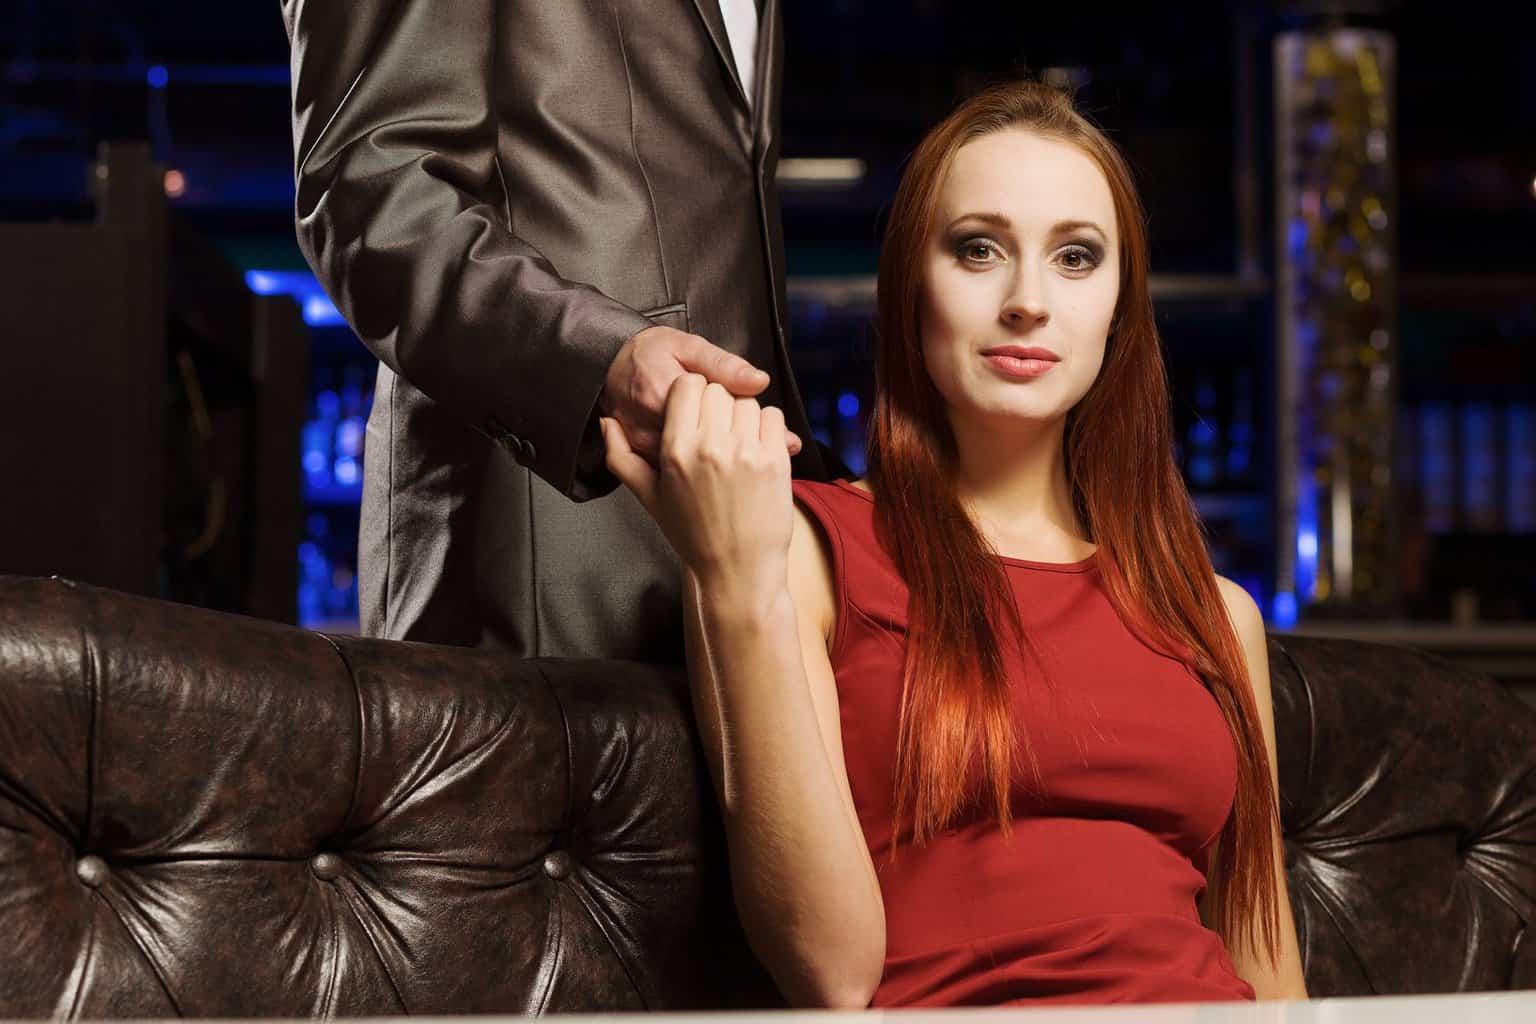 Selbstbewusstsein Verführung Frau auf Couch